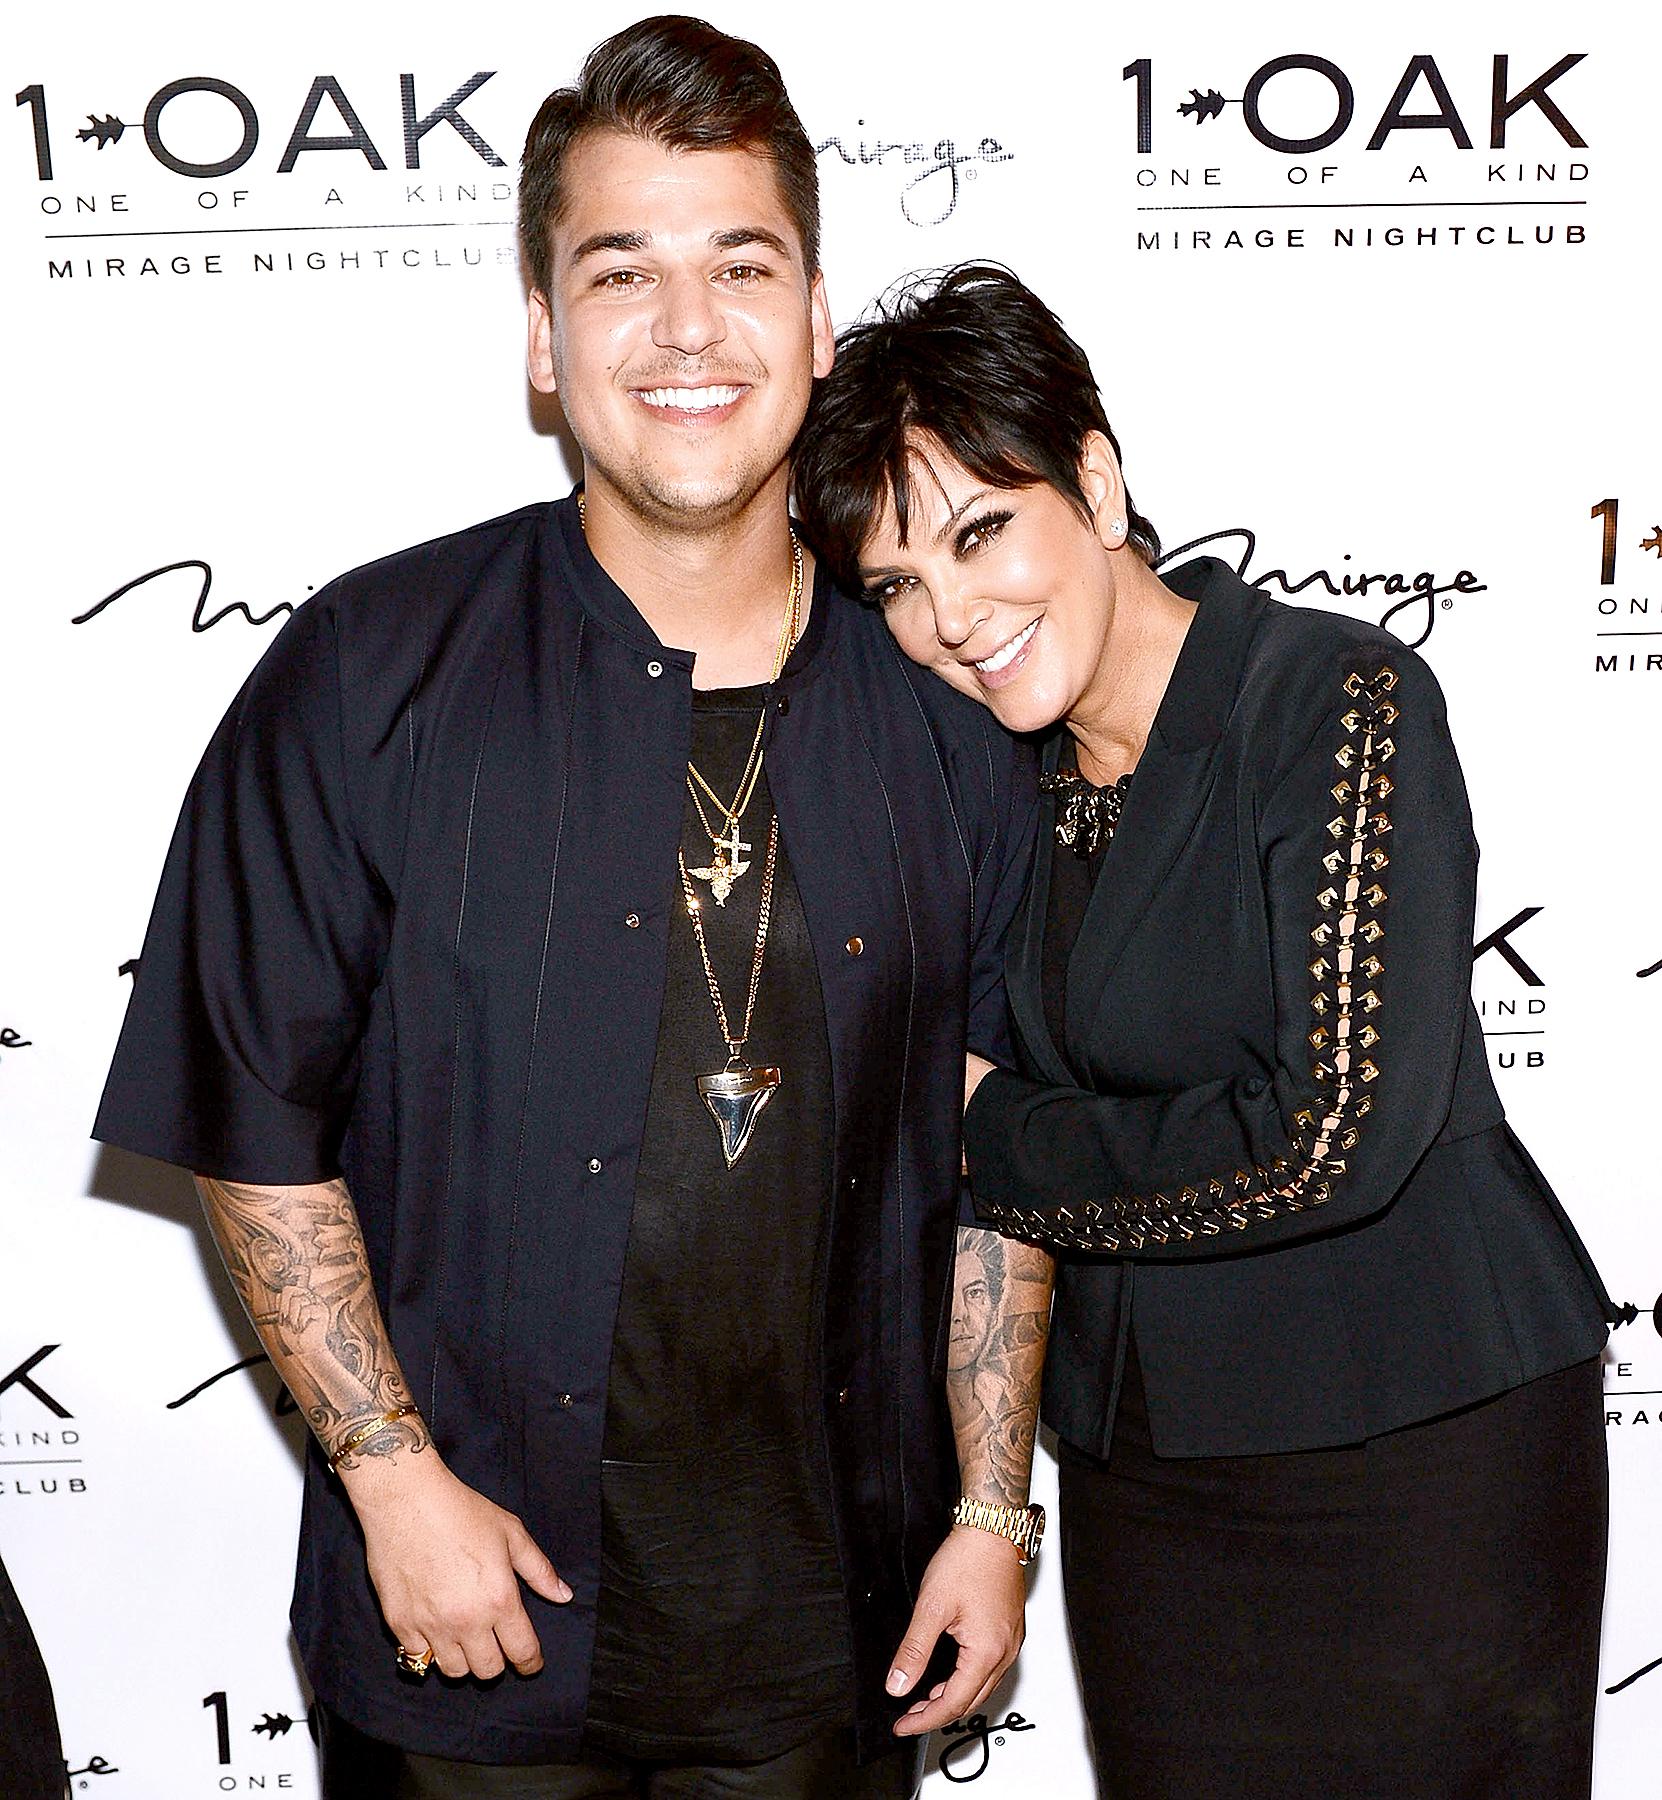 Rob Kardashian and Kris Jenner in 2013.